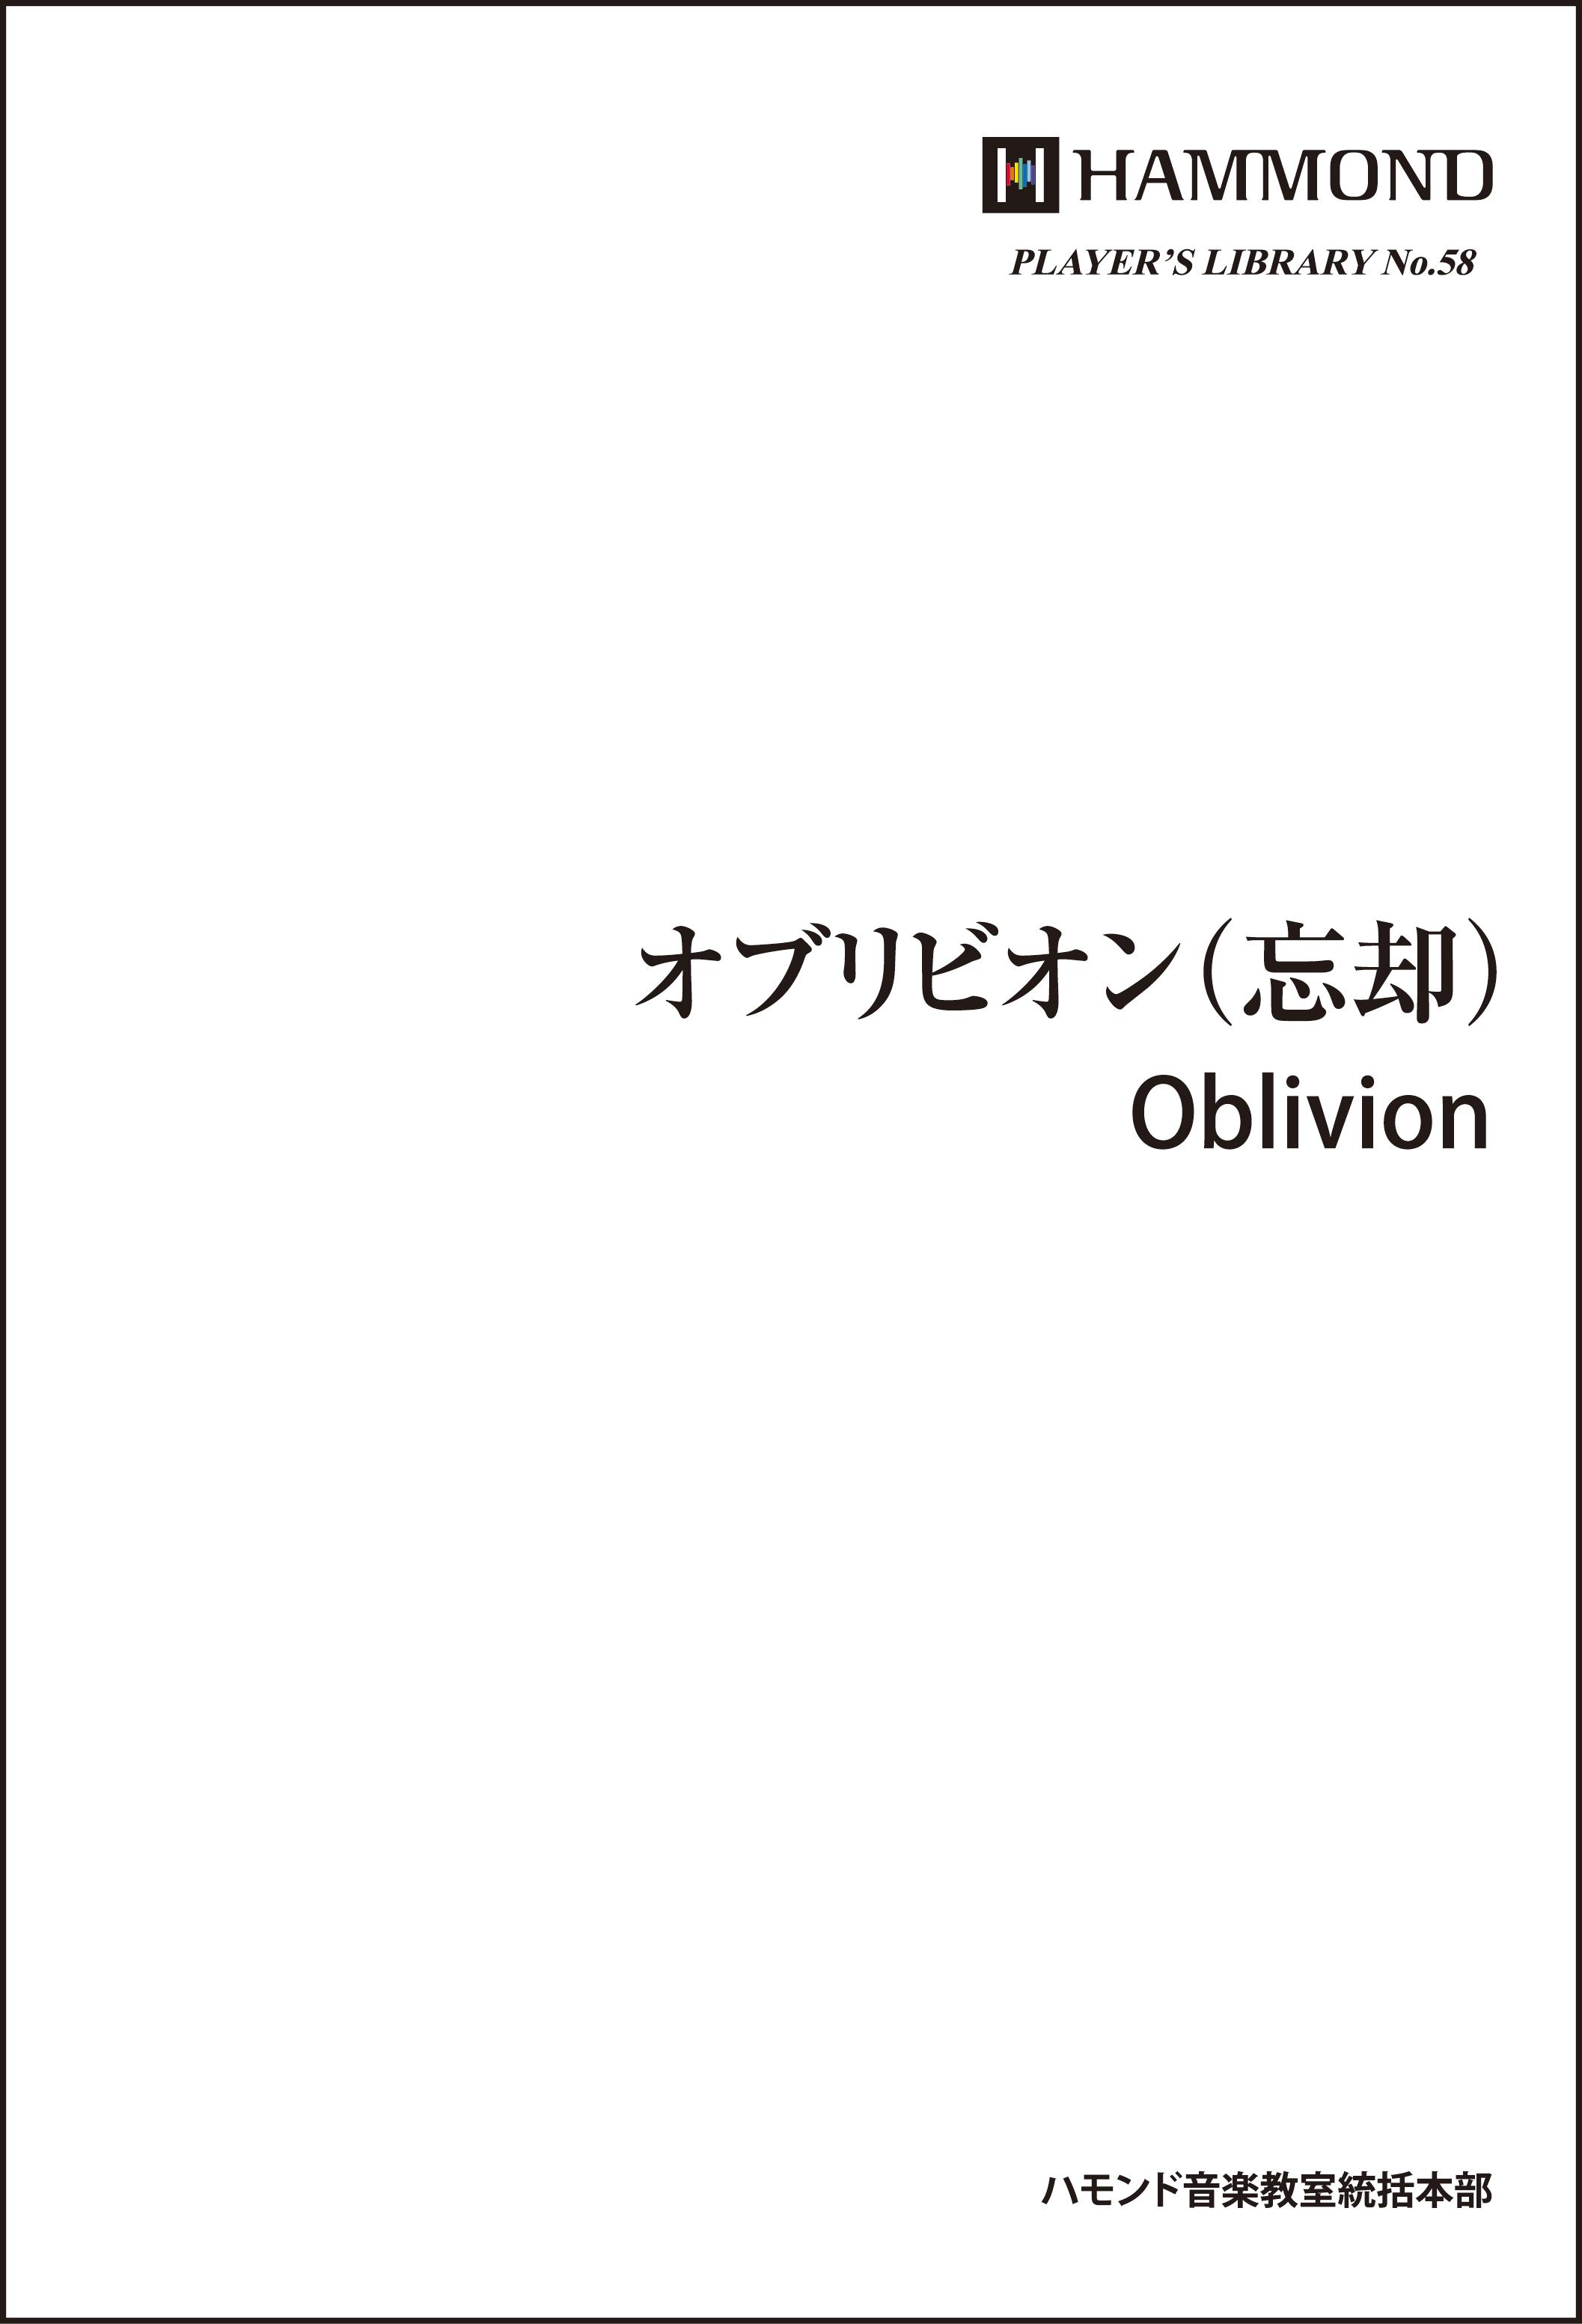 ハモンドプレイヤーズライブラリー「No.1〜No.65」